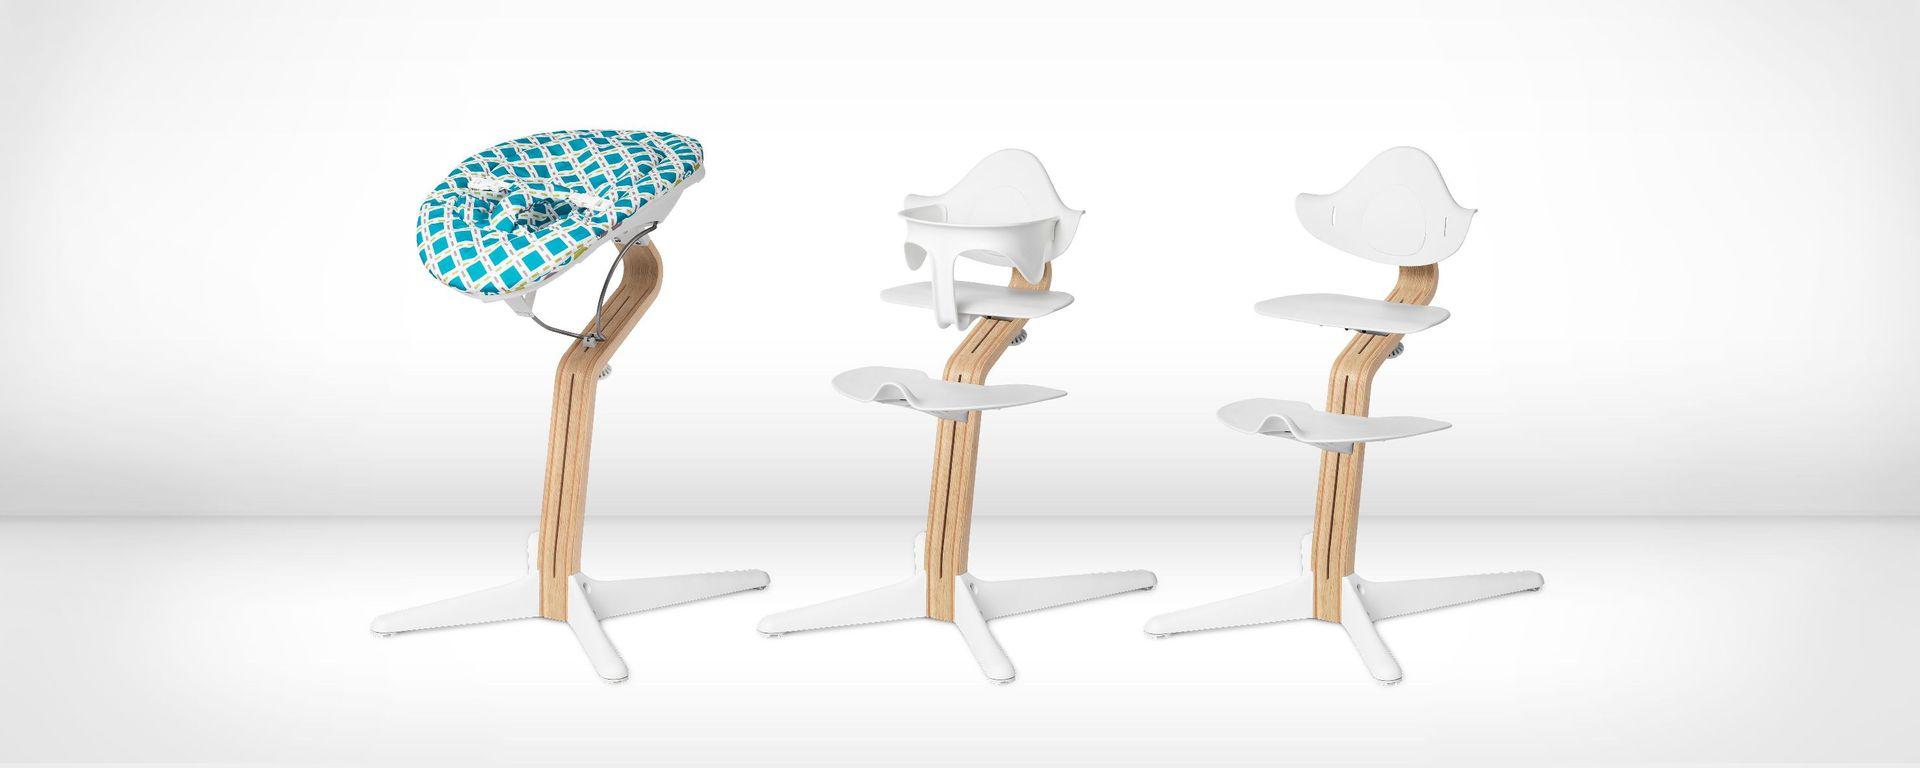 Nomi hochstuhl vom erfinder des tripp trapp - Kinderstuhl design ...